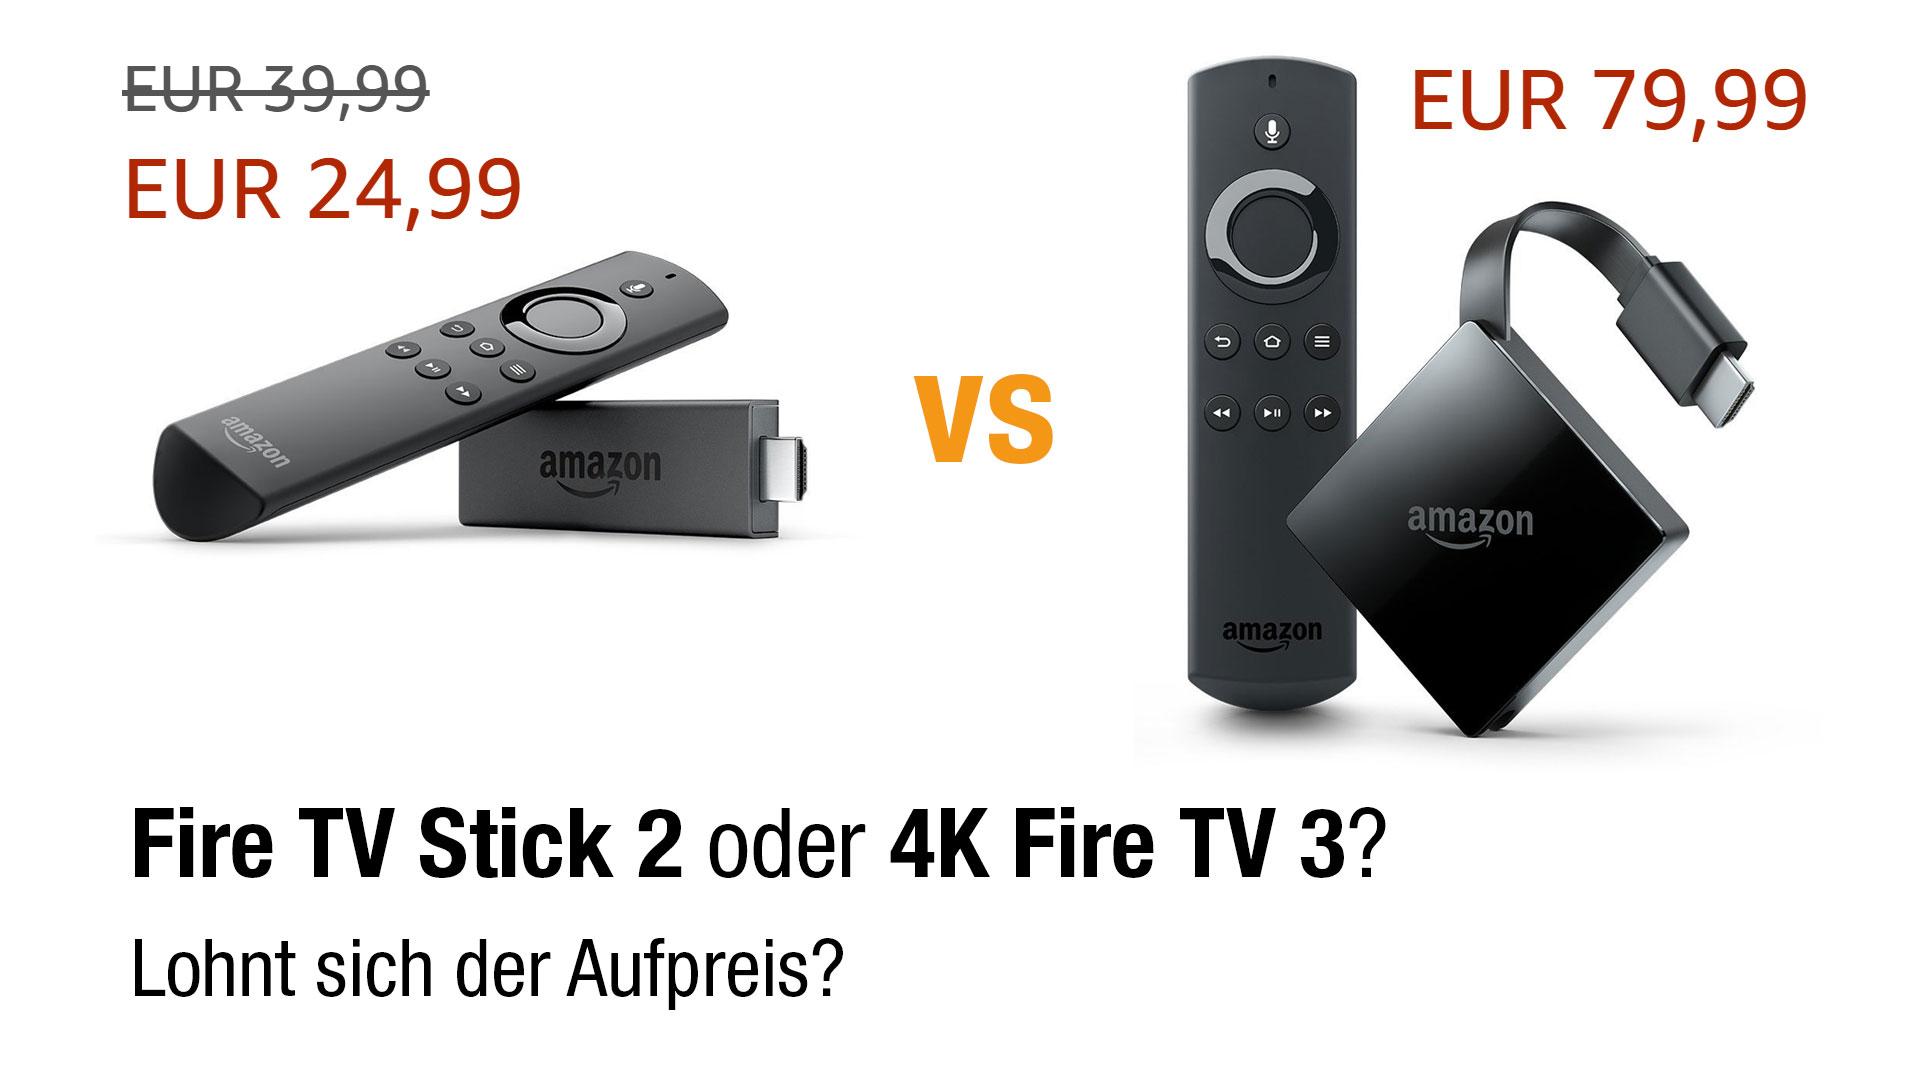 Vergleich: Fire TV Stick 2 oder 4K Fire TV 3 – lohnt sich der Aufpreis?